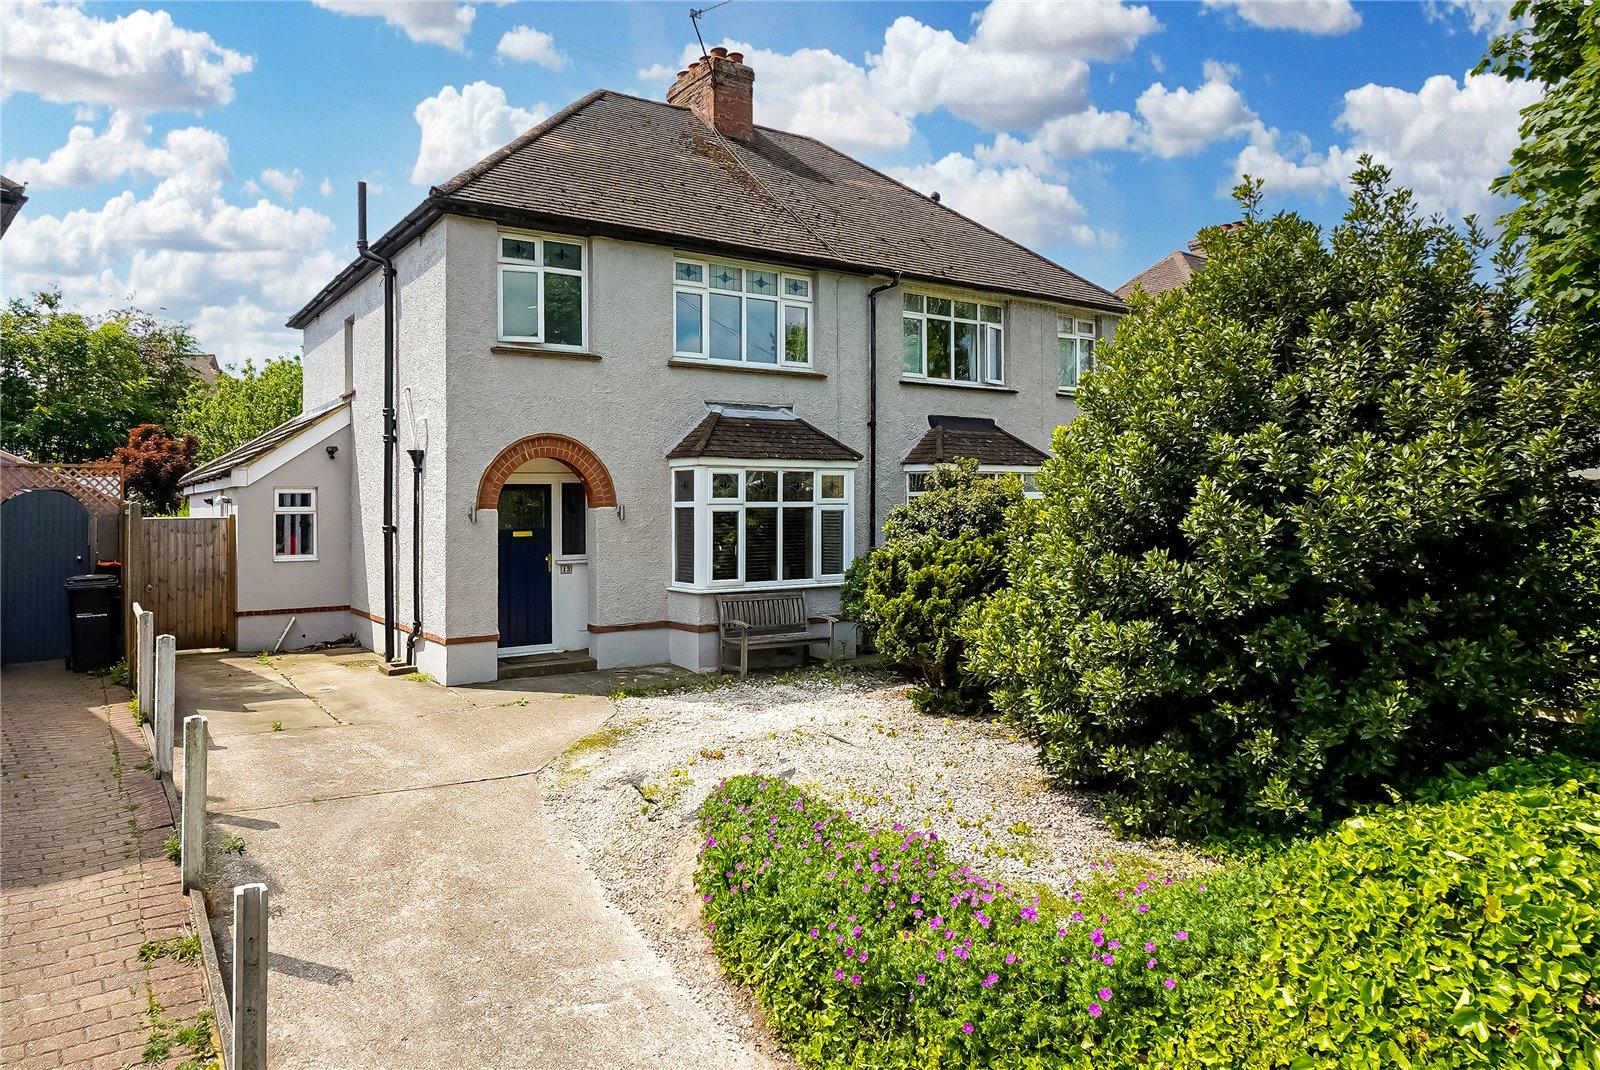 3 bed house for sale in Sandling Lane, Penenden Heath, ME14